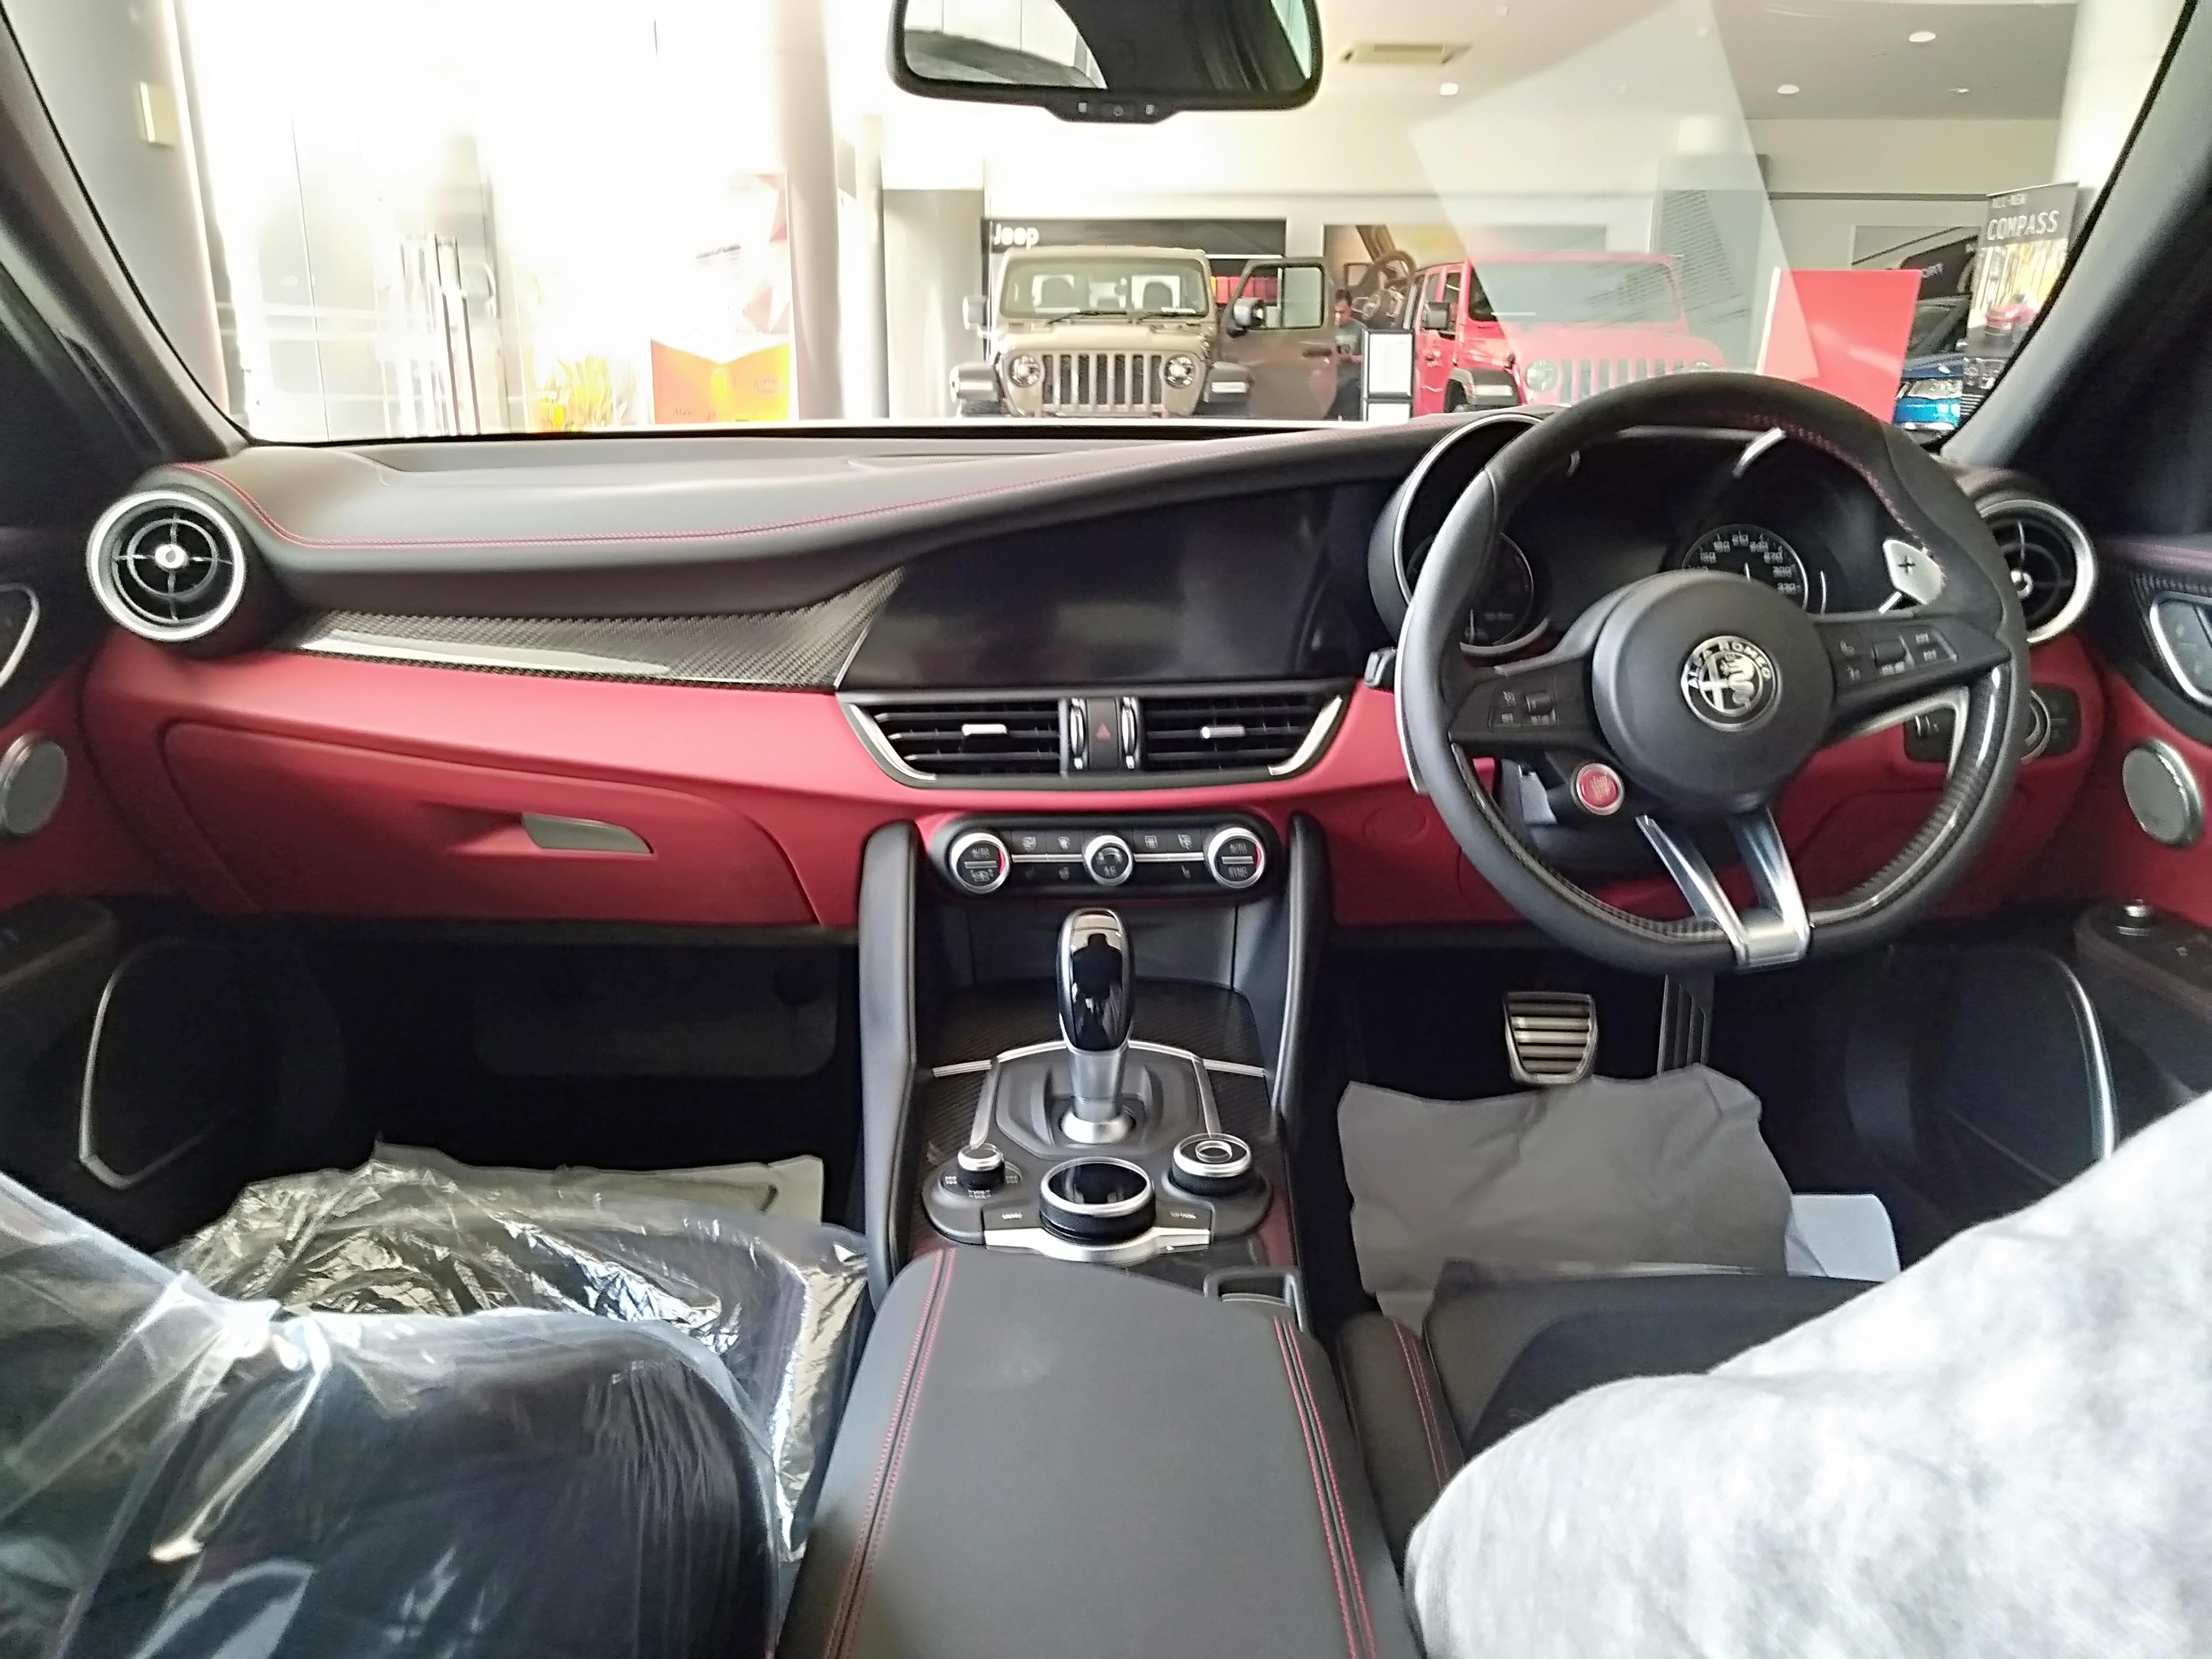 File 2021 Alfa Romeo Giulia Quadrifoglio 2 9 Silver Interior View In Brunei Jpg Wikimedia Commons